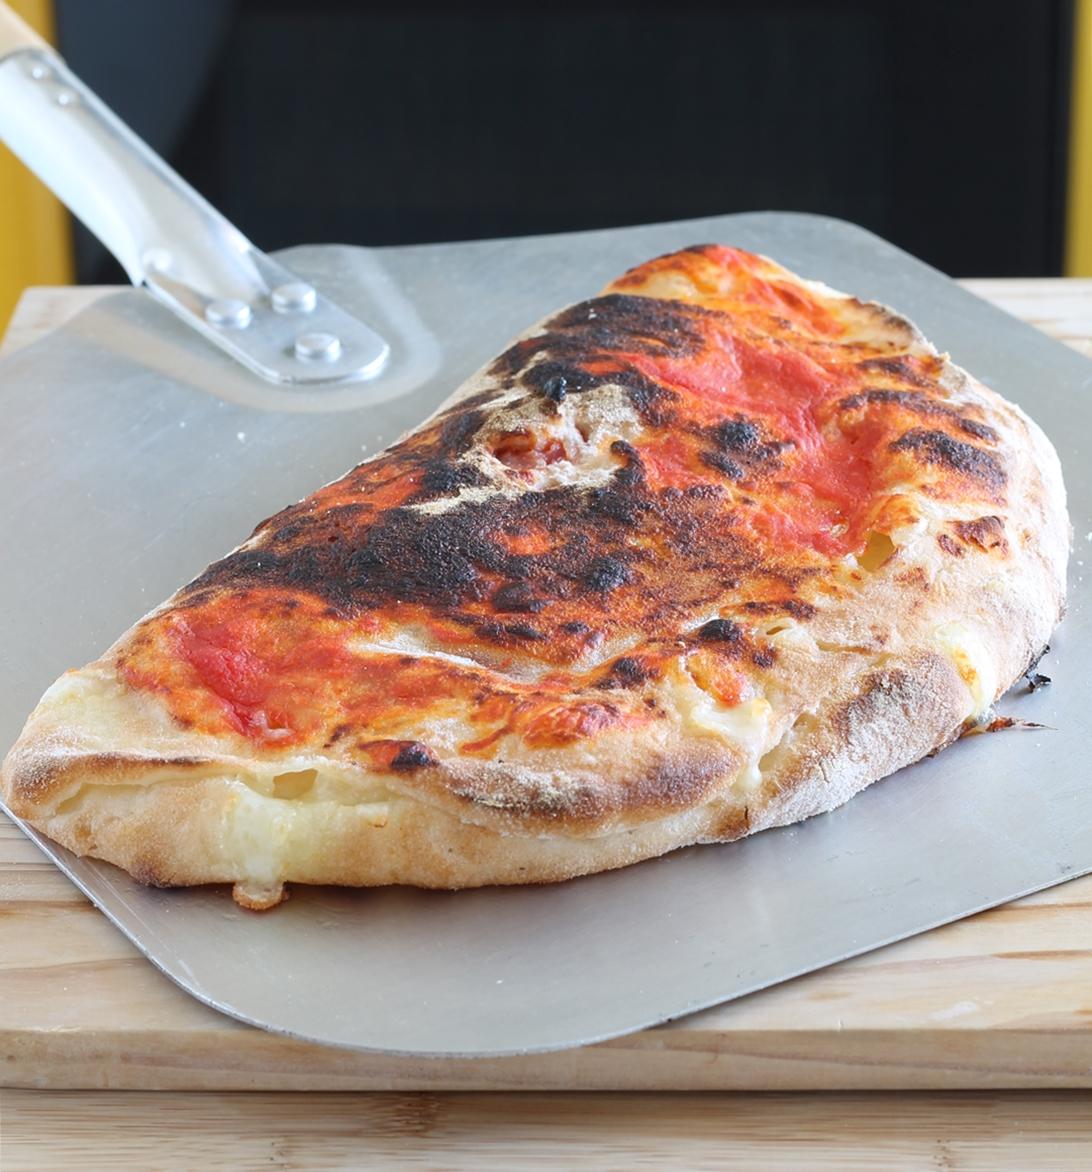 Calzone sans gluten avec les bords fourrés en vidéo - La Cassata Celiaca